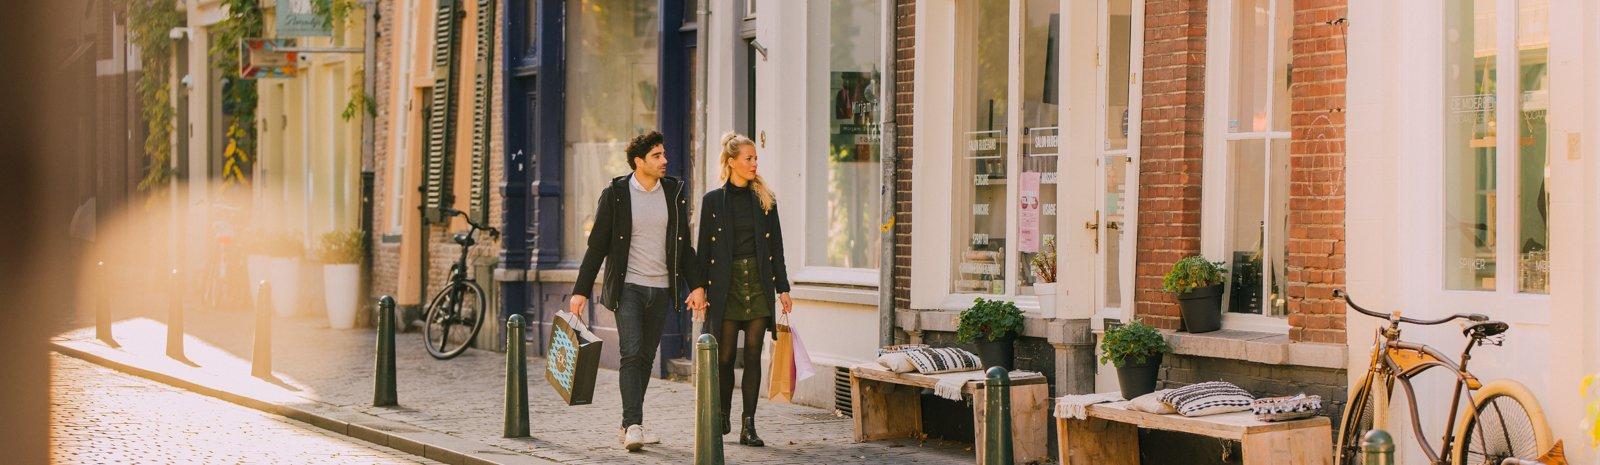 Winkels stappen shoppen breda for Bloemist breda